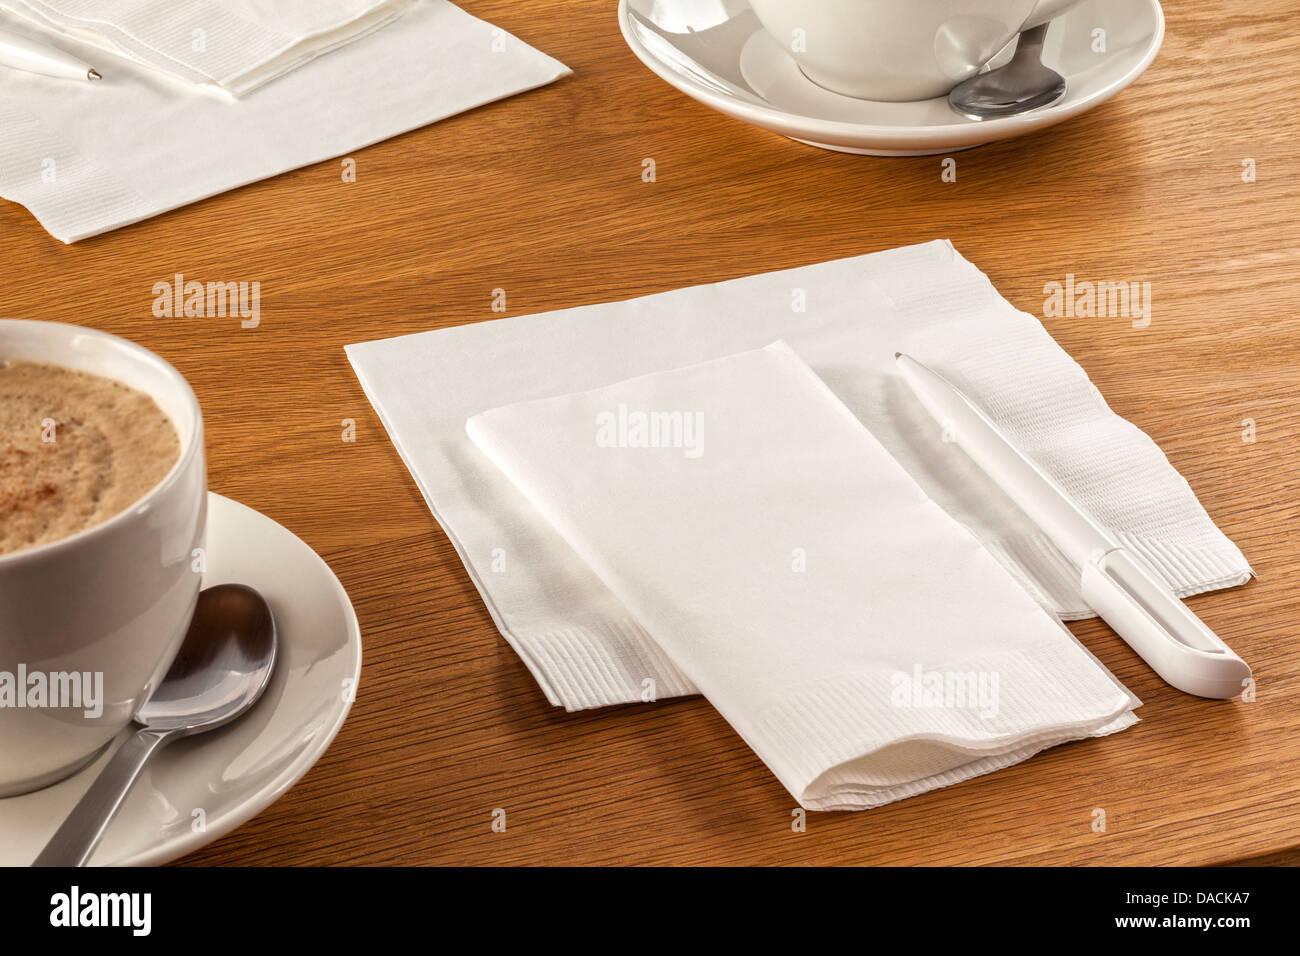 Serviette und Pen - Serviette oder Serviette und Stift auf Tisch, bereit sind, Ihre neueste großartige Idee Stockbild